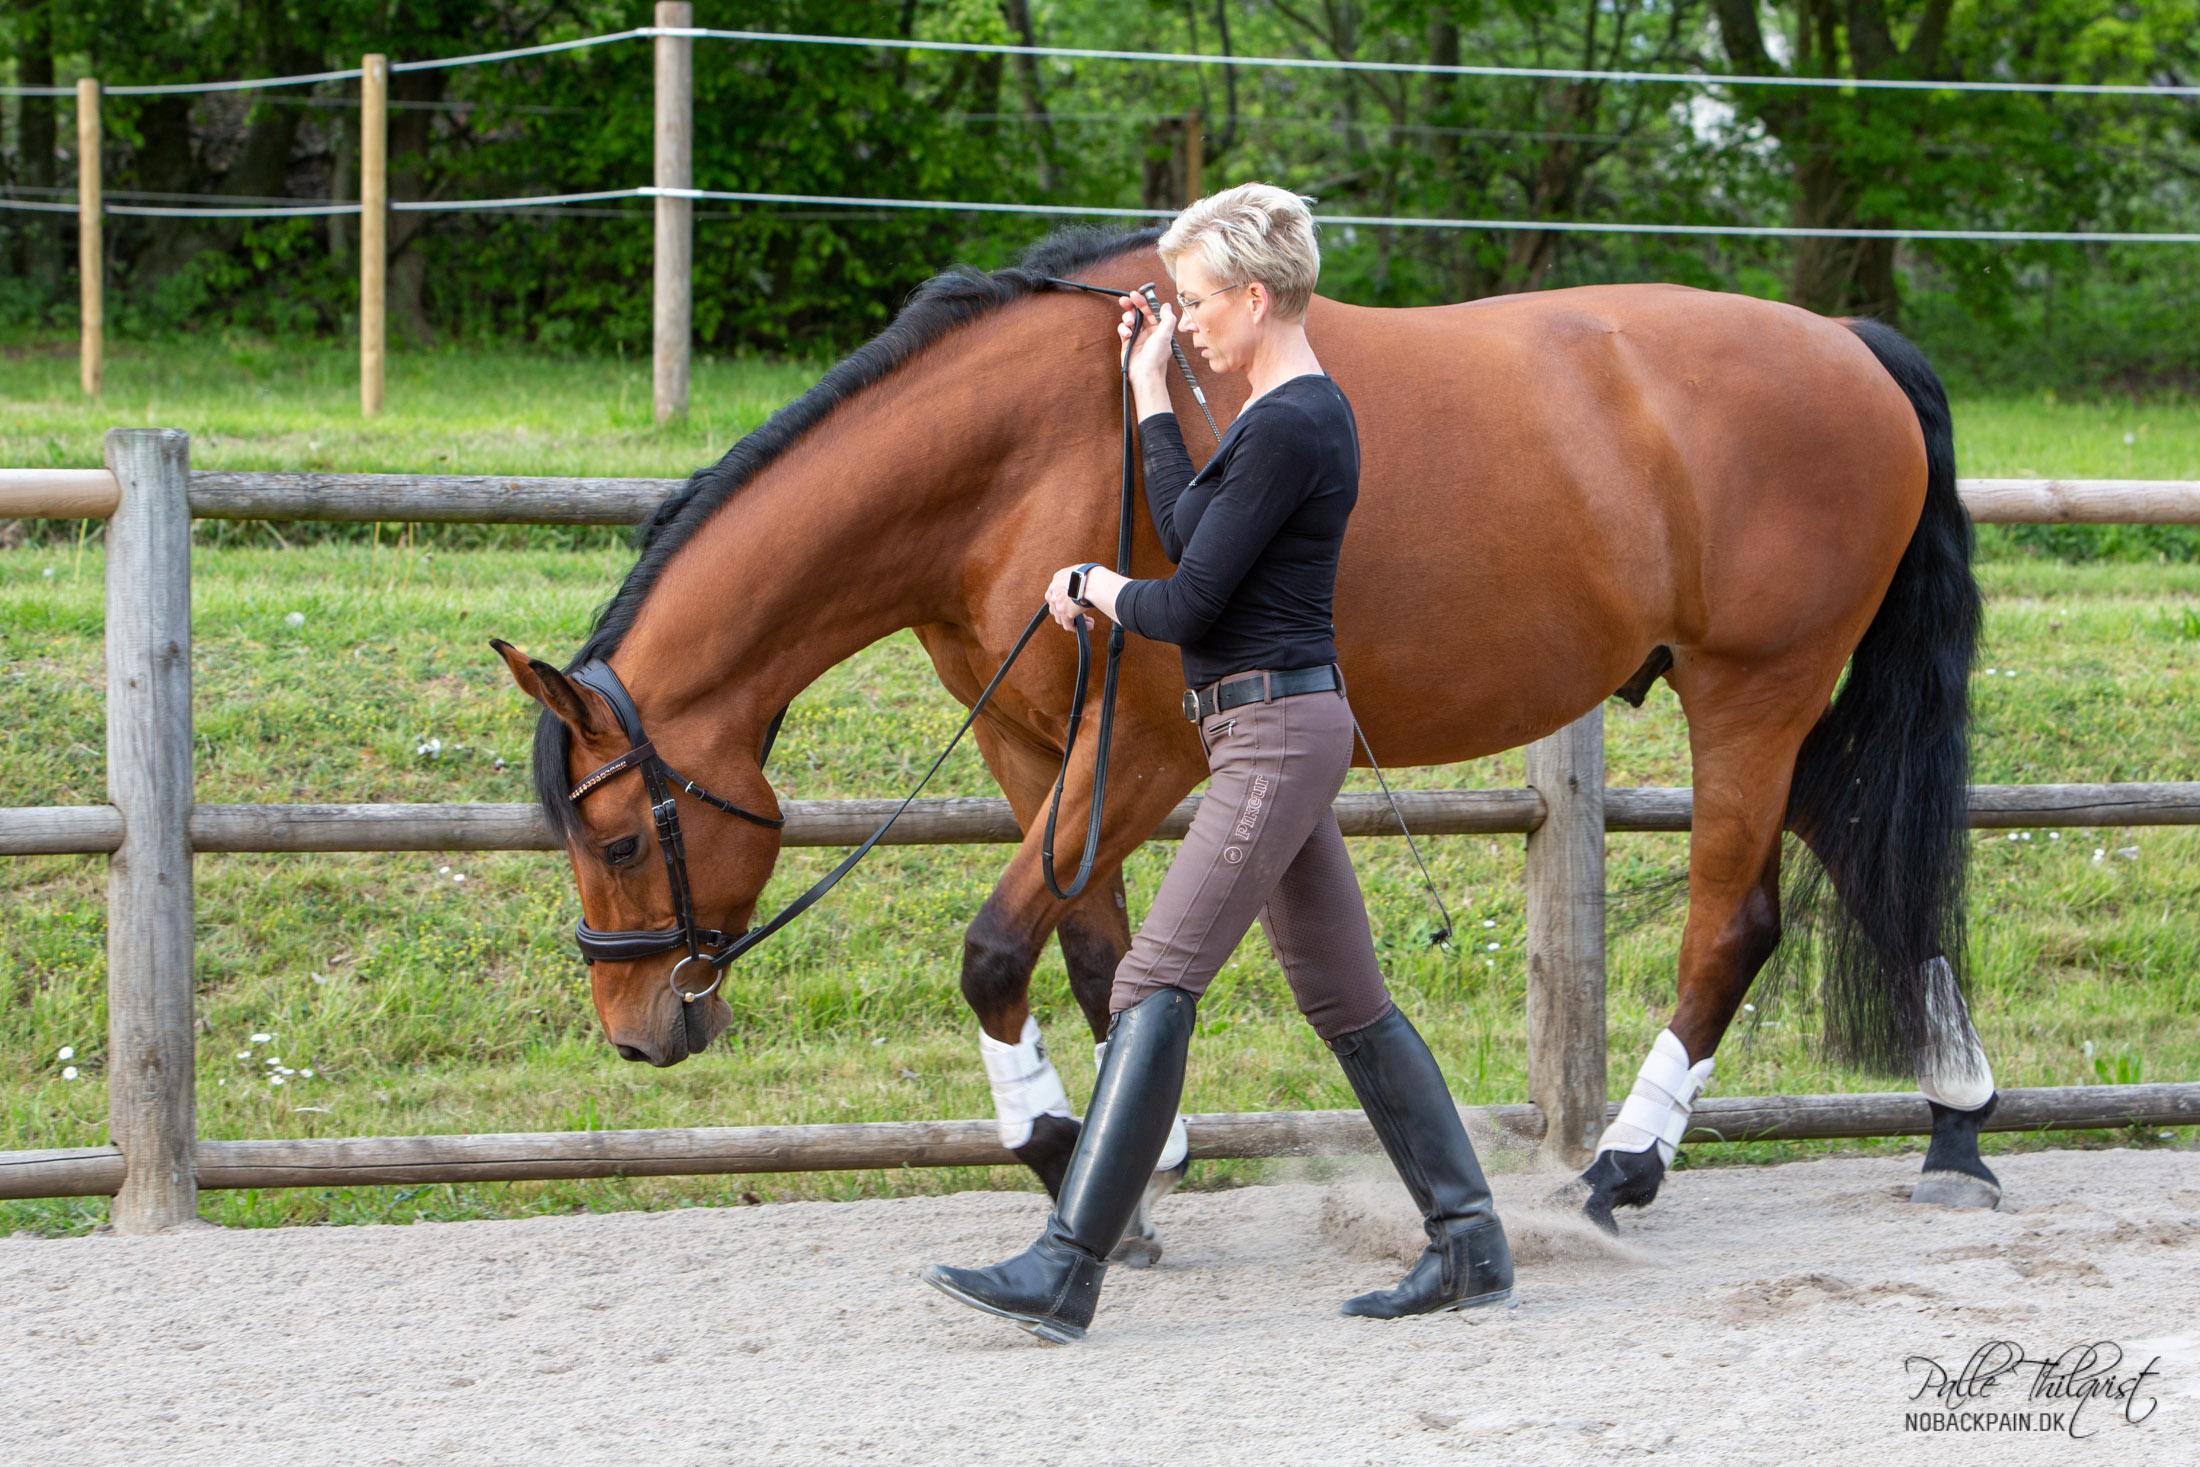 Du får hesten til at gå frem med et lille tap fra pisken der hvor schenklen ville have været placeret. Reagerer hesten ikke giver du et lidt kraftigere signal med pisken eventuelt forstærket med stemmen. Vær opmærksom på at du ikke holder fast i tøjlerne samtidig med at du bruger pisken. Vi må ikke forvirre hesten ved at bede den om at gå frem for pisken, samtidig med at vi holder fast i tøjlerne. Så pisk uden tøjle - tøjle uden pisk!! Med nogle heste er man nødt til at give tøjlerne helt, med andre er det nok bare at åbne hænderne lidt. Men start med at give tøjlen, hvis det er første gang du prøver.